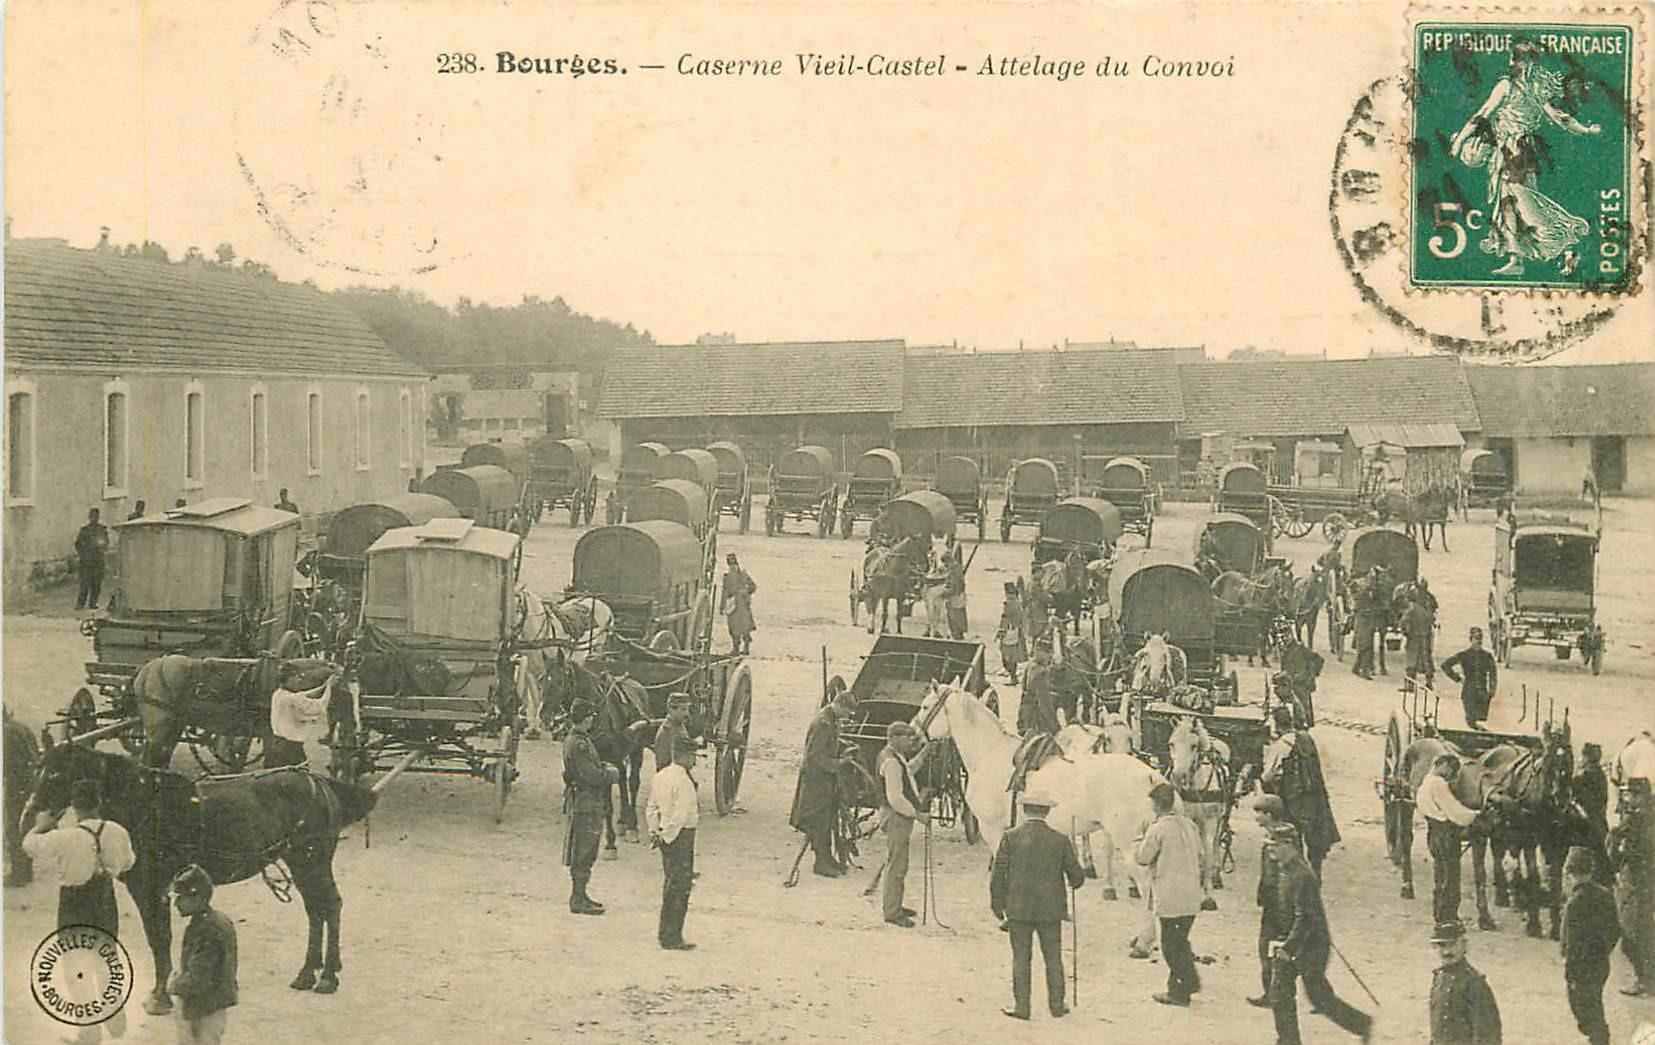 18 BOURGES. Attelage du Convoi à la Caserne Vieil-Castel 1912